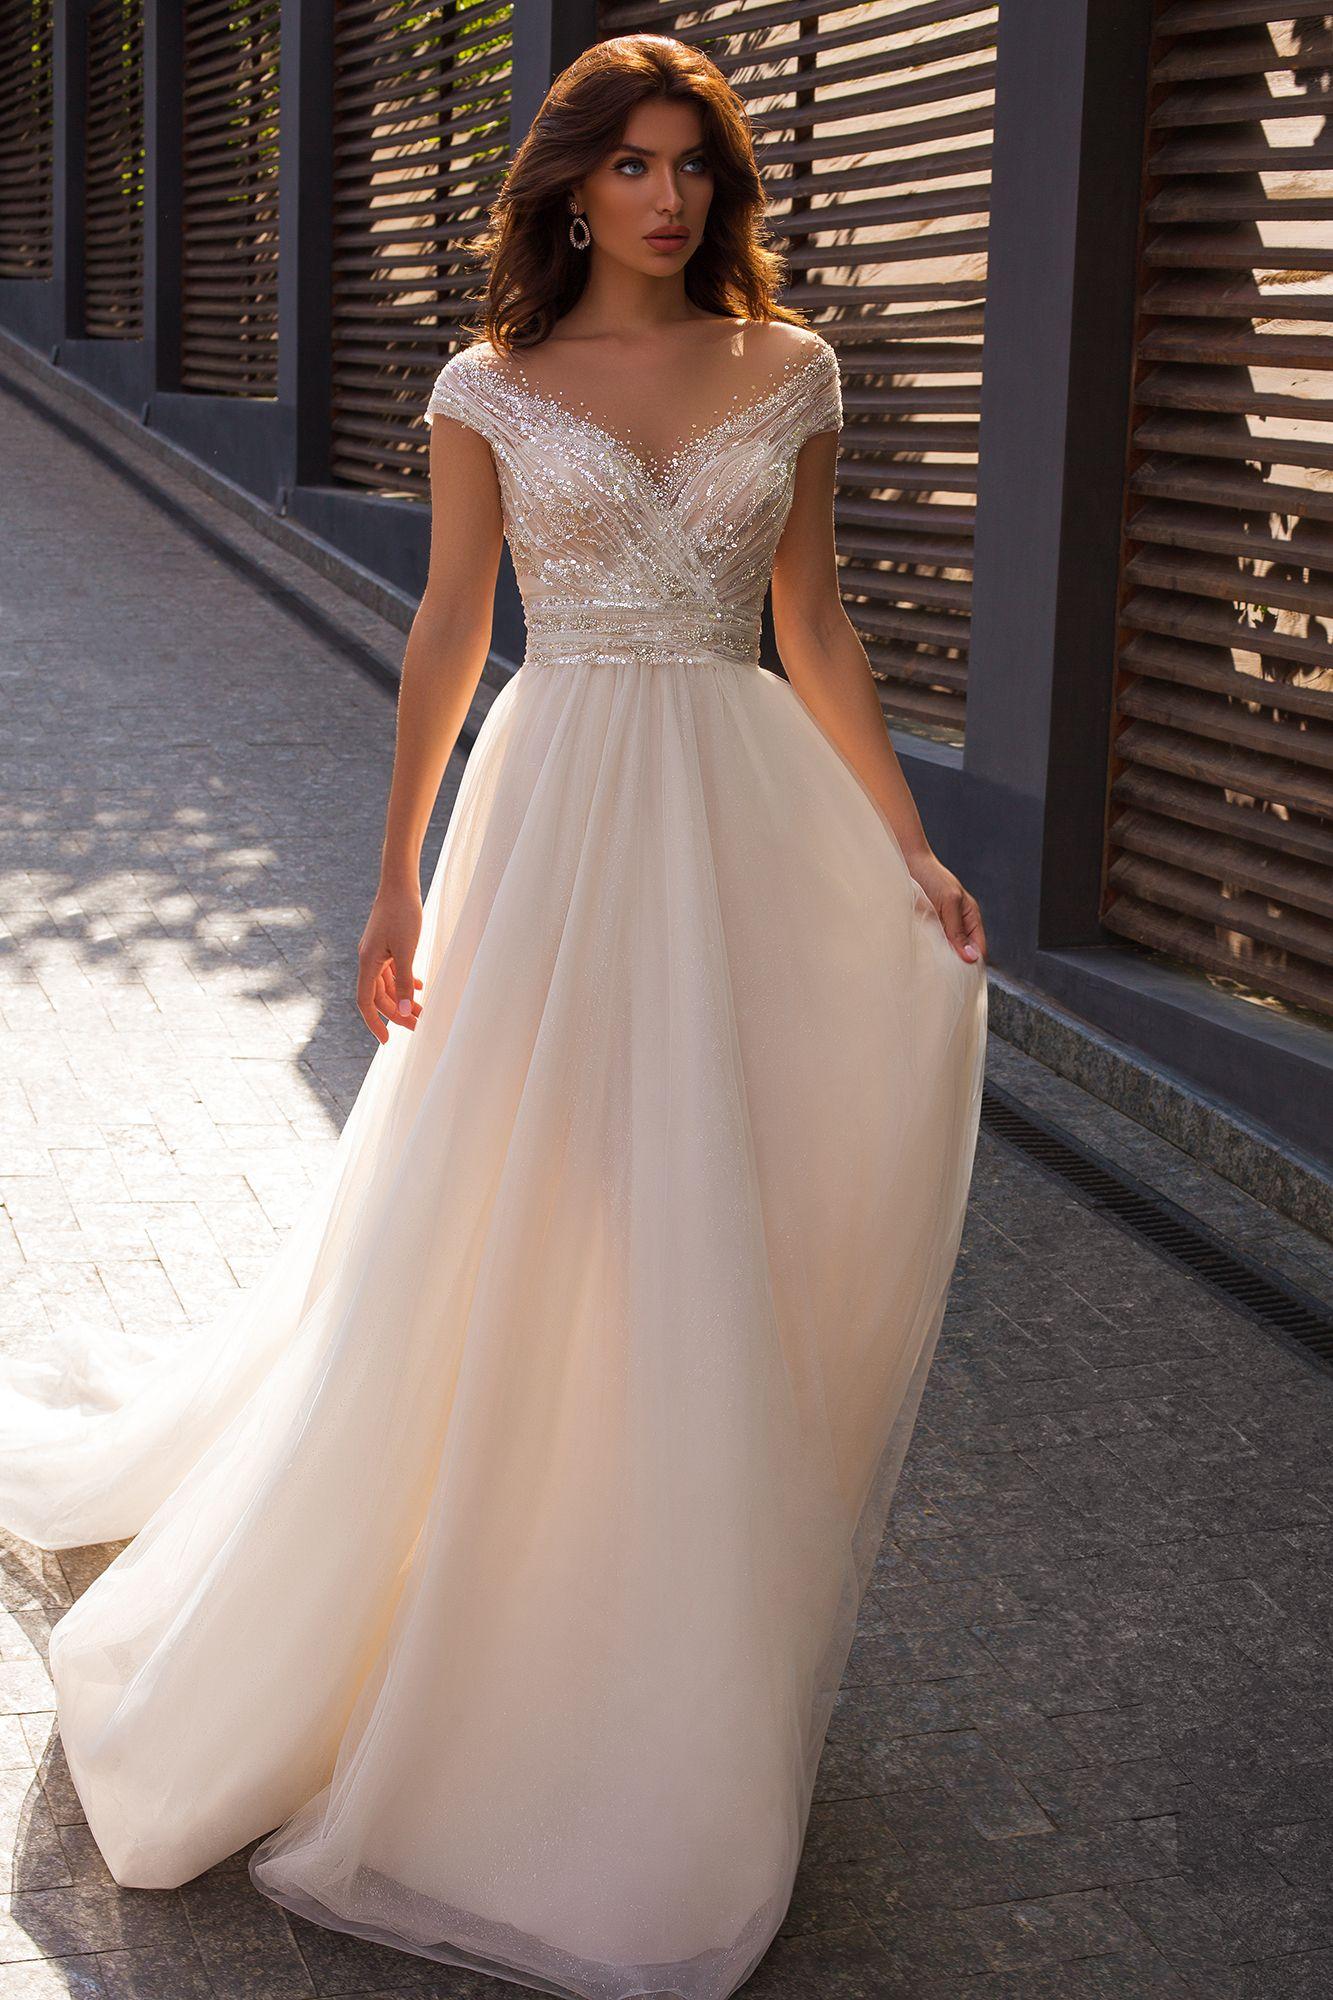 Menha Wedding Dress Timeless Love Collection Colored Wedding Dress Buy Wedding Dress Wedding Dress Long Sleeve [ 2000 x 1333 Pixel ]